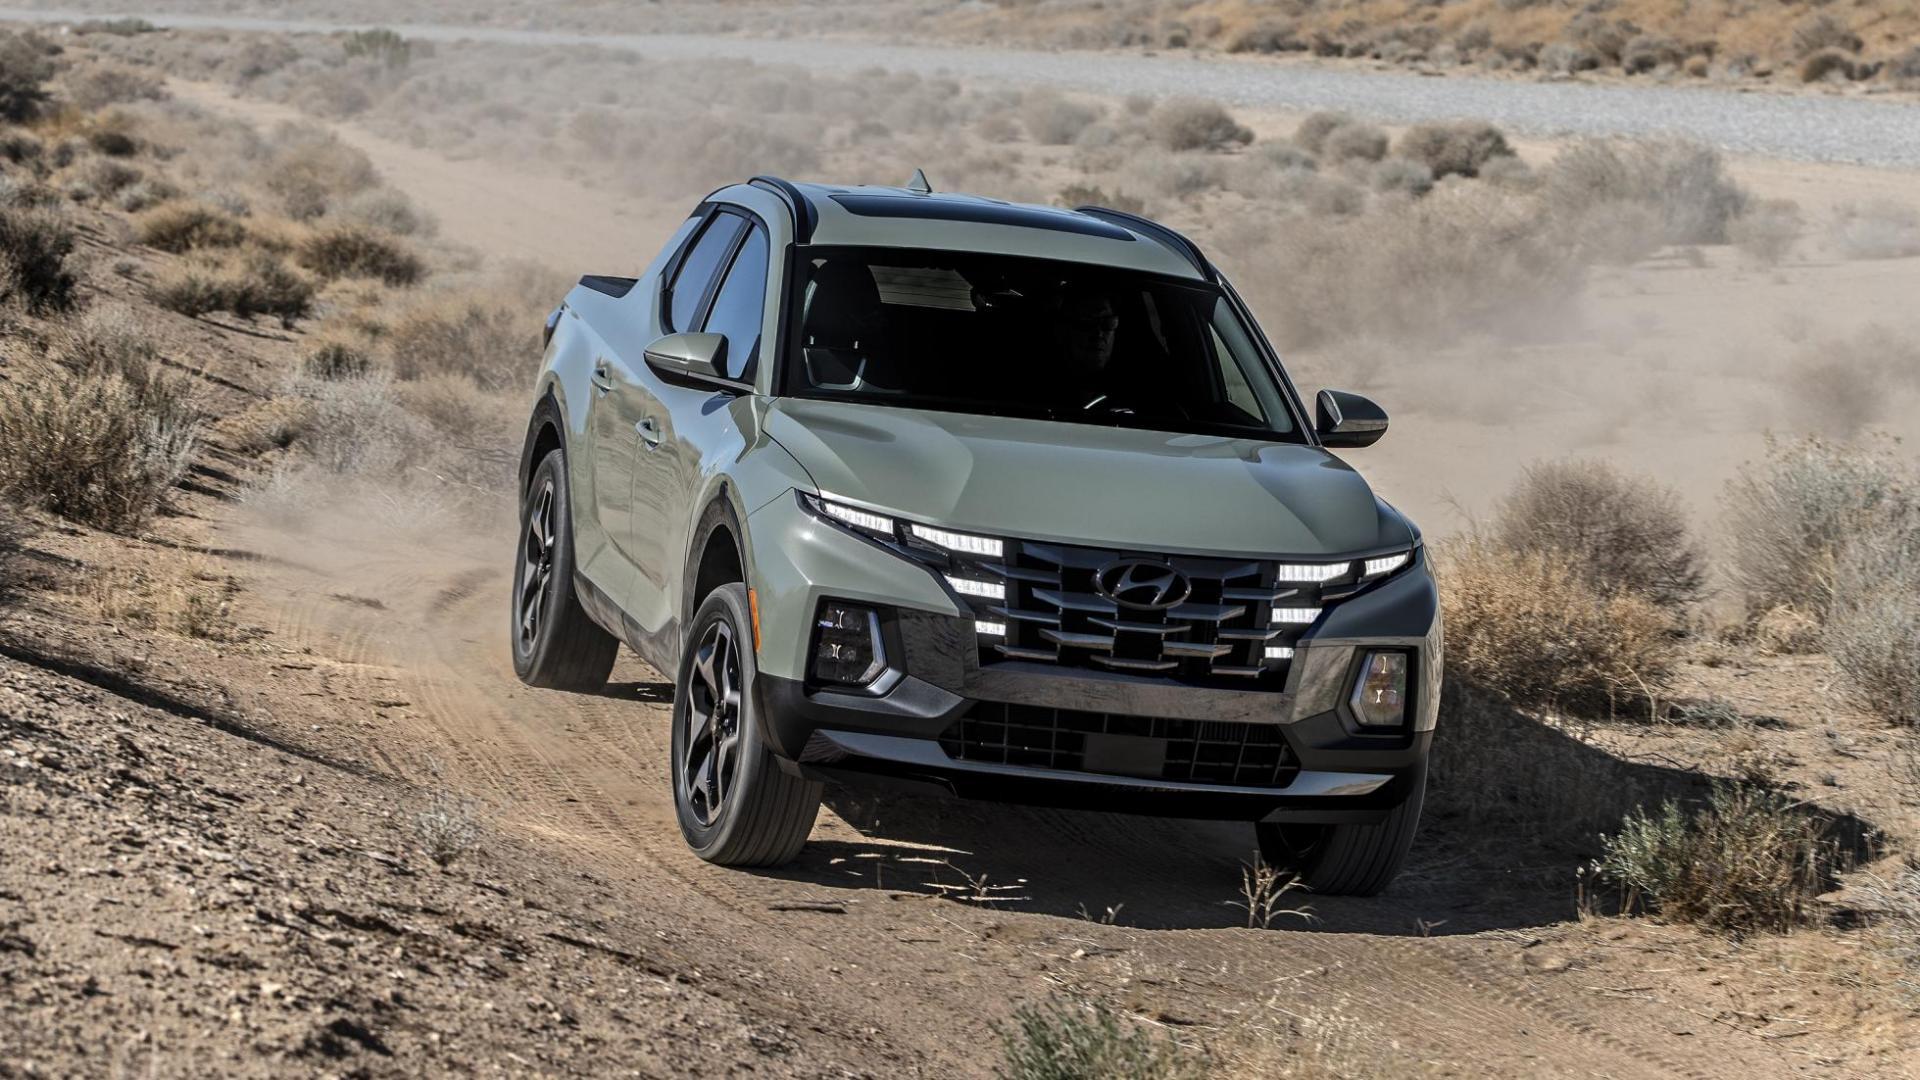 Hyundai Santa Cruz (Tucson Pick-up)